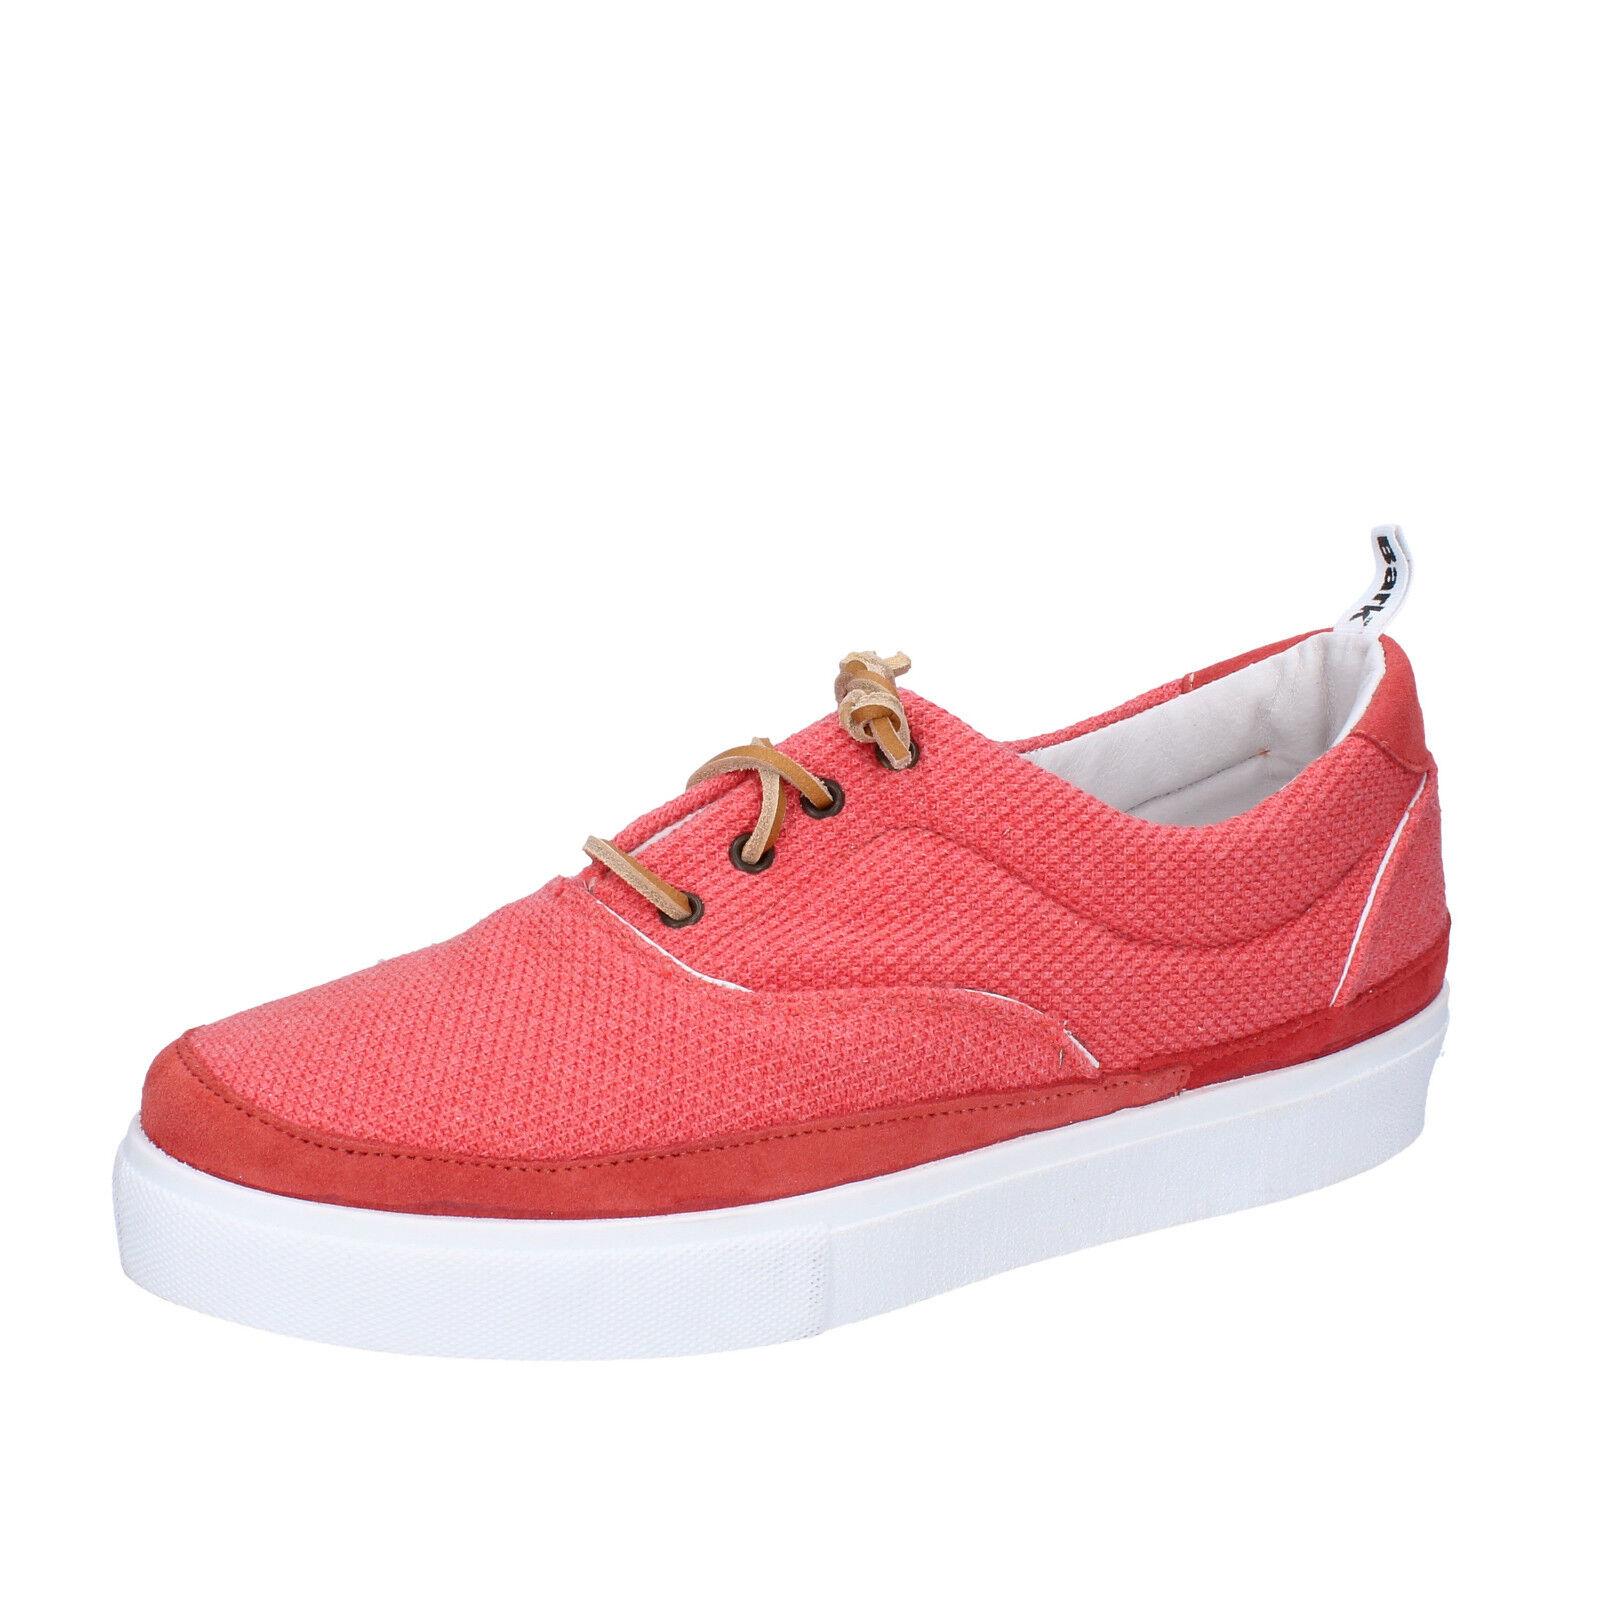 Herren schuhe BARK 44 EU sneakers koralle textil wildleder AG586-E